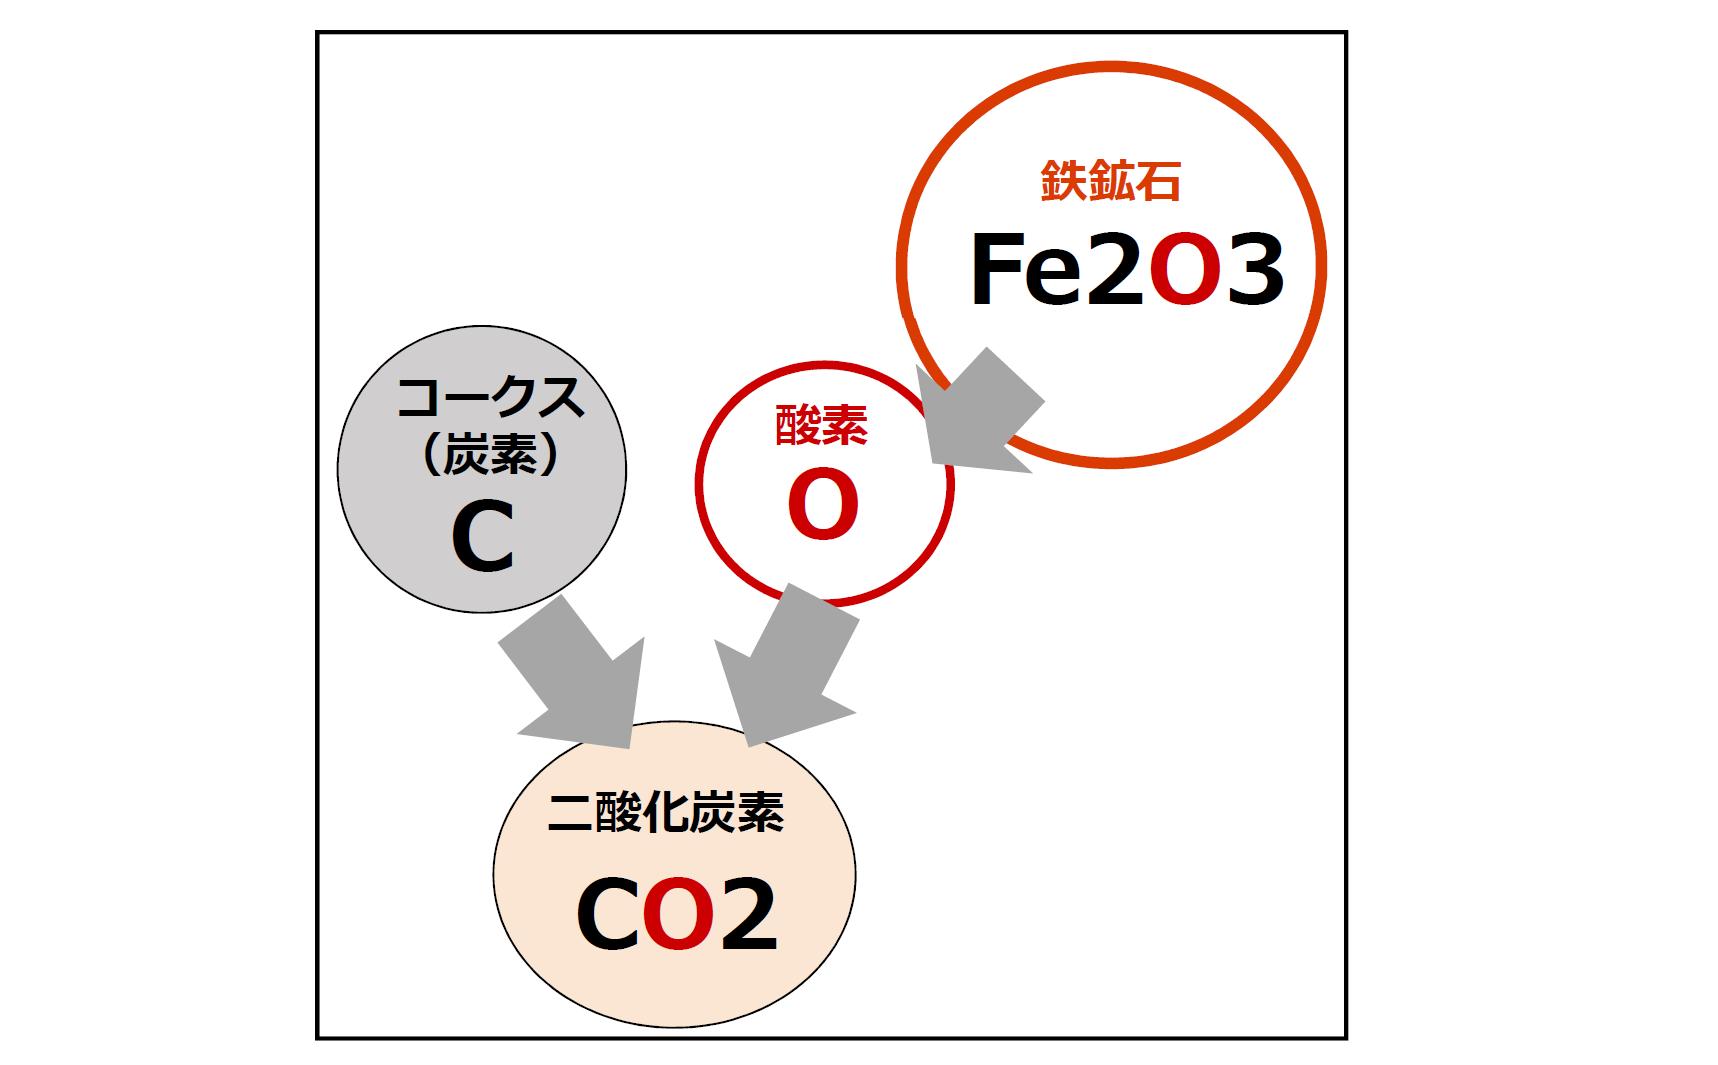 鉄鉱石とコークスからどのようにCO2ができるかを示した図です。